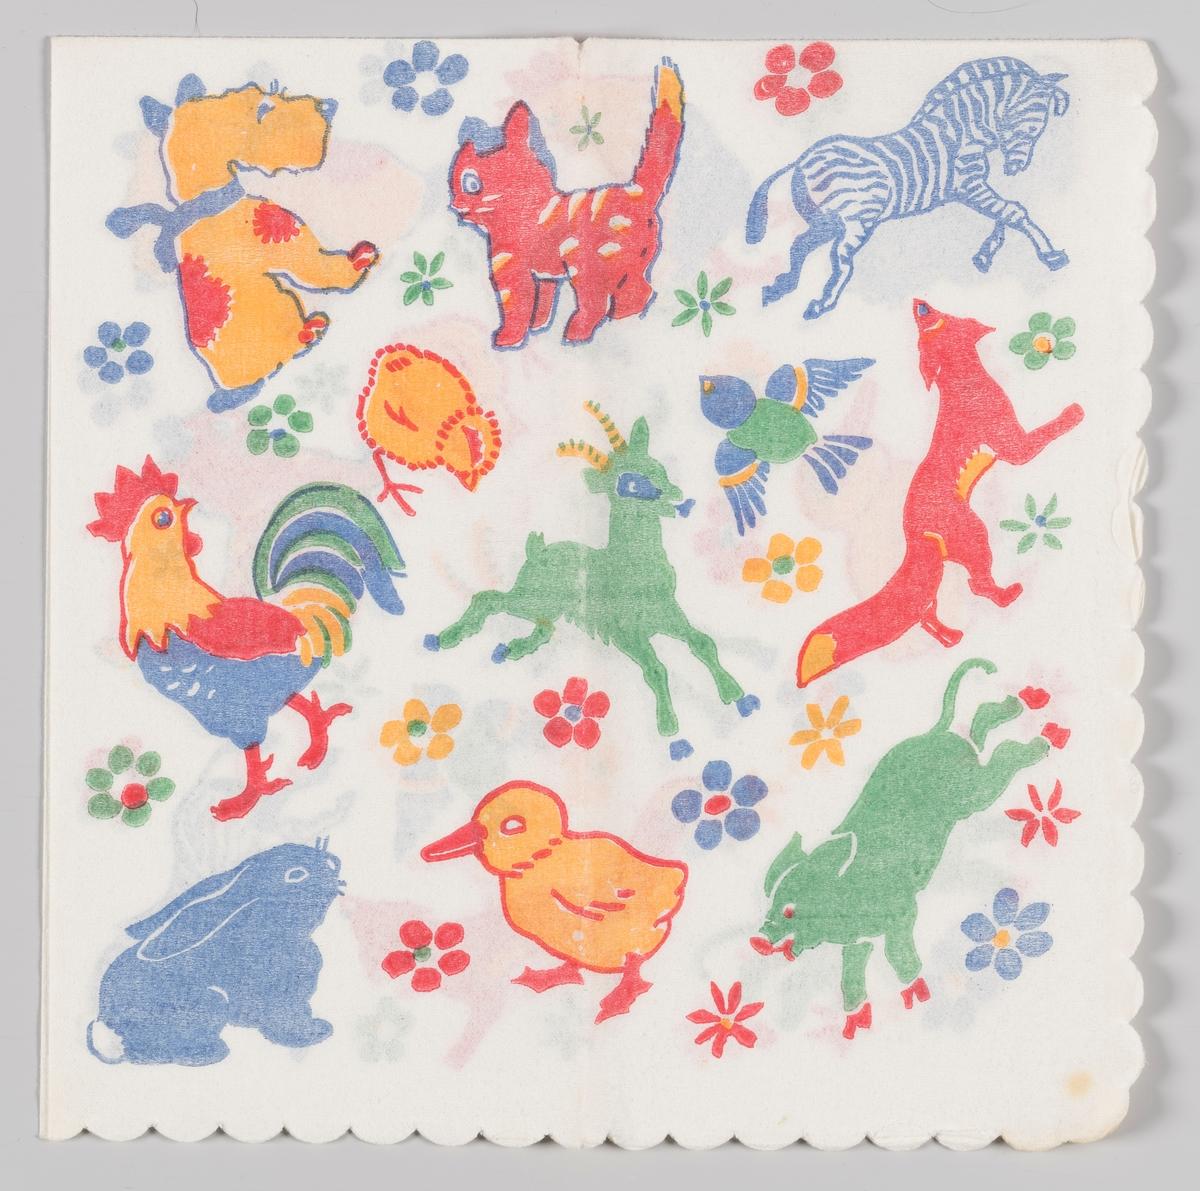 Forskjellige dyr mellom blomster: hund, katt, sebra, kylling, hane, fugl, geit, rev, hare, and og gris.